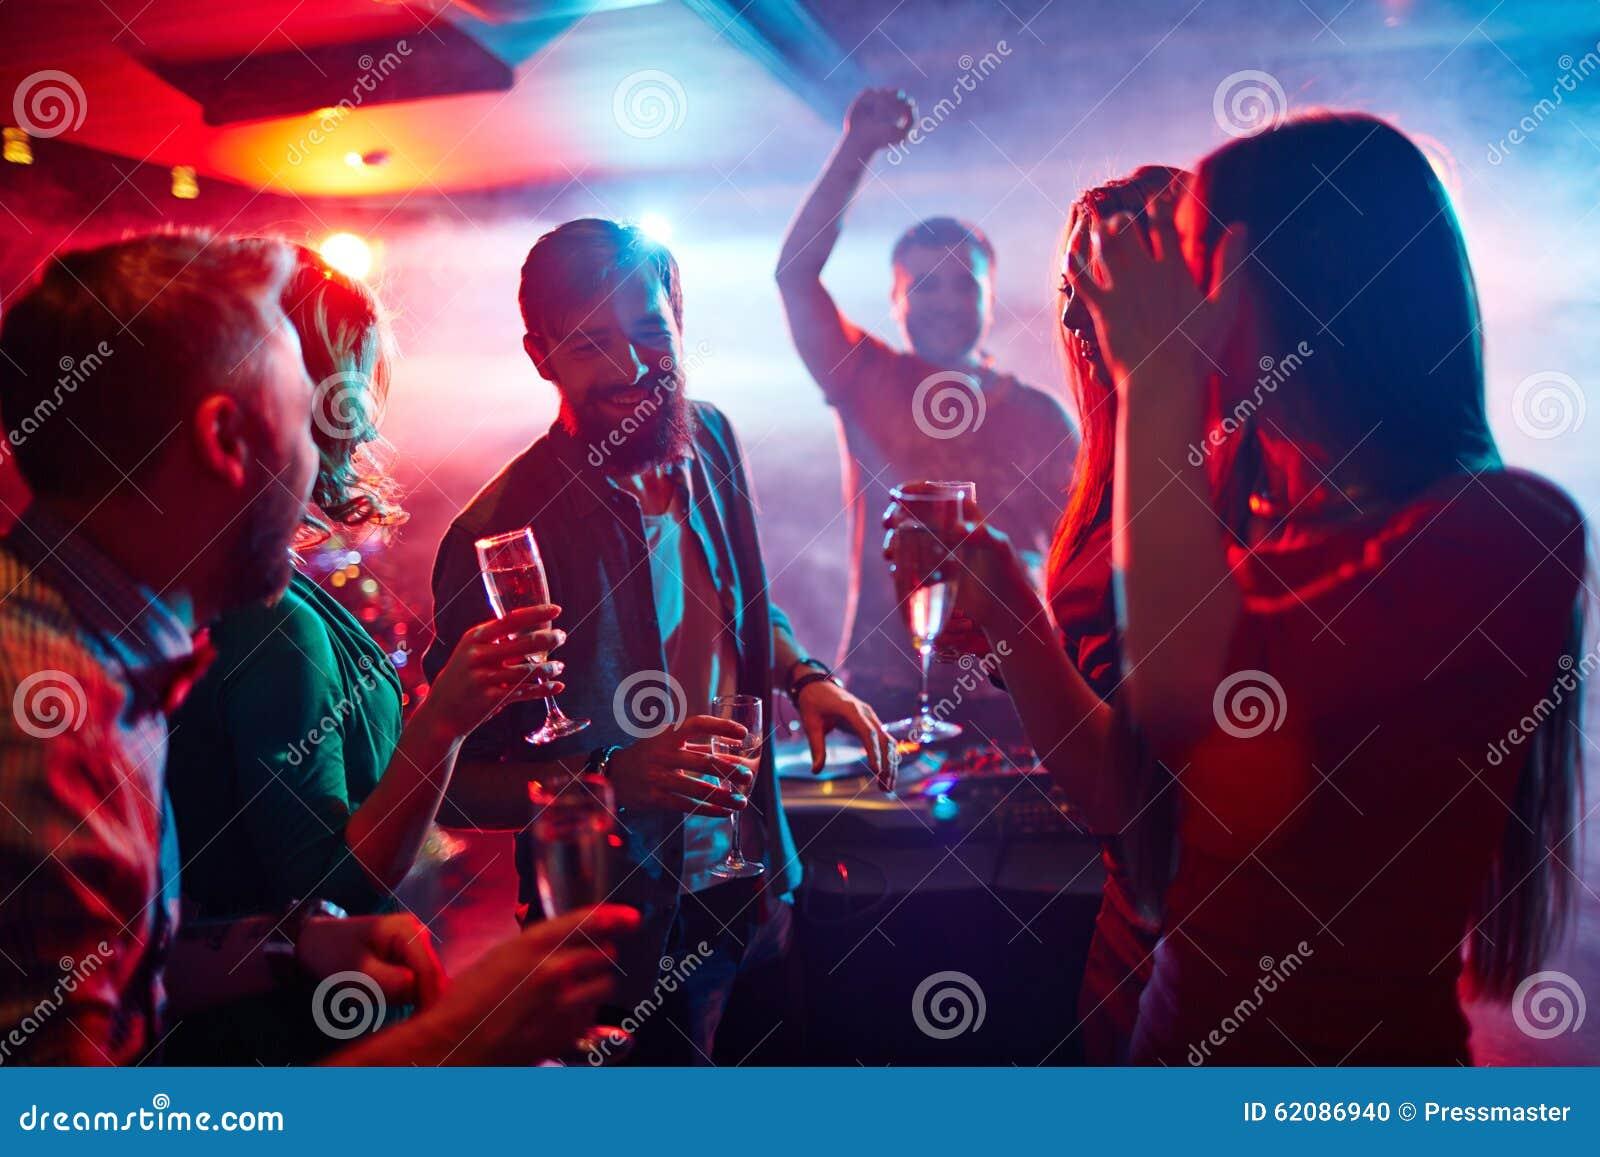 Enjoying night party